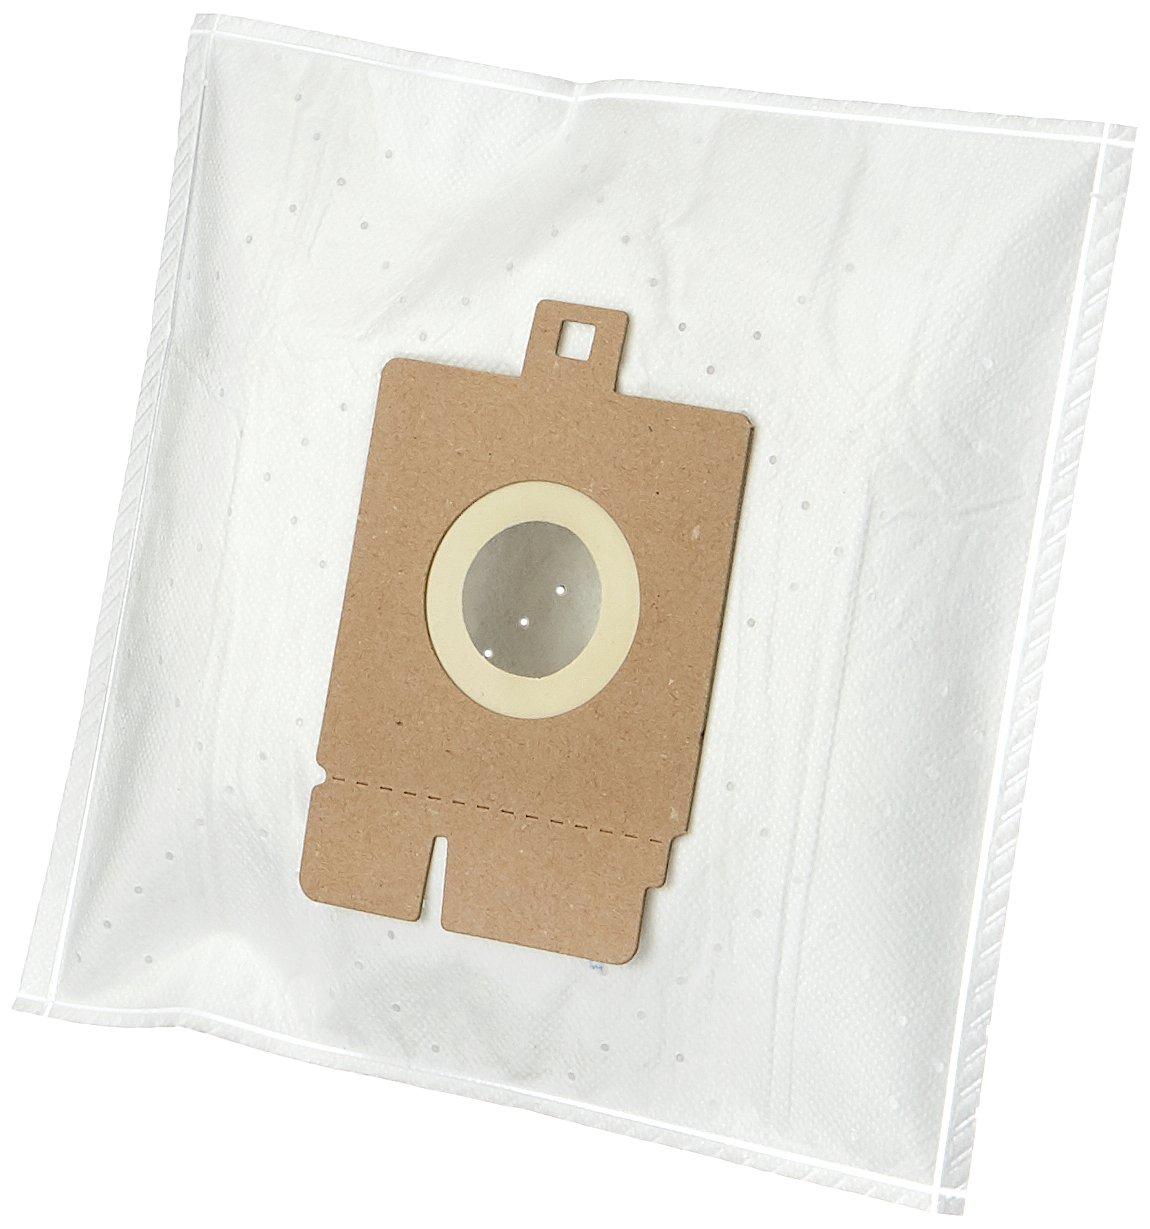 Acquisto AmazonBasics - Sacchetti per aspirapolvere, tipo: X11, con controllo degli odori, per AEG/Hoover/Zanussi, confezione da 4 Prezzo offerta